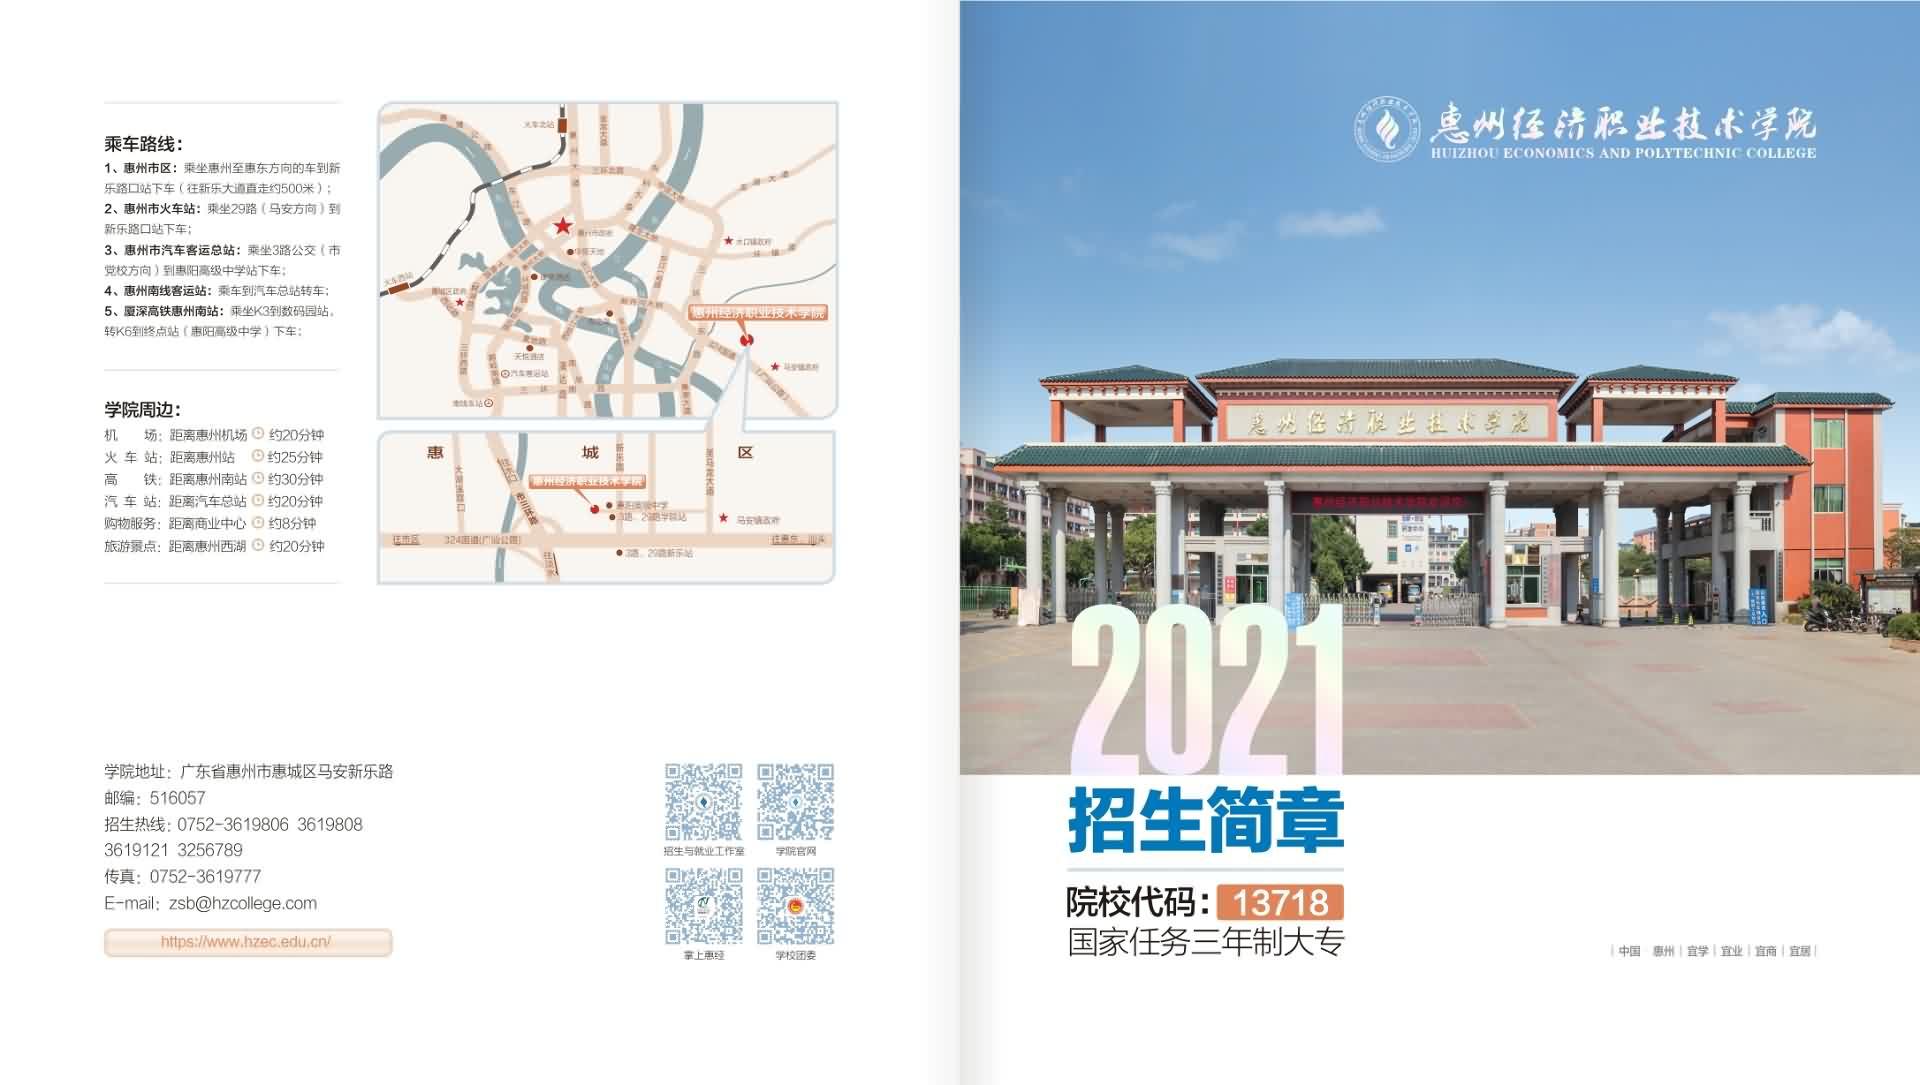 2021惠州经济职业技术学院招生简章